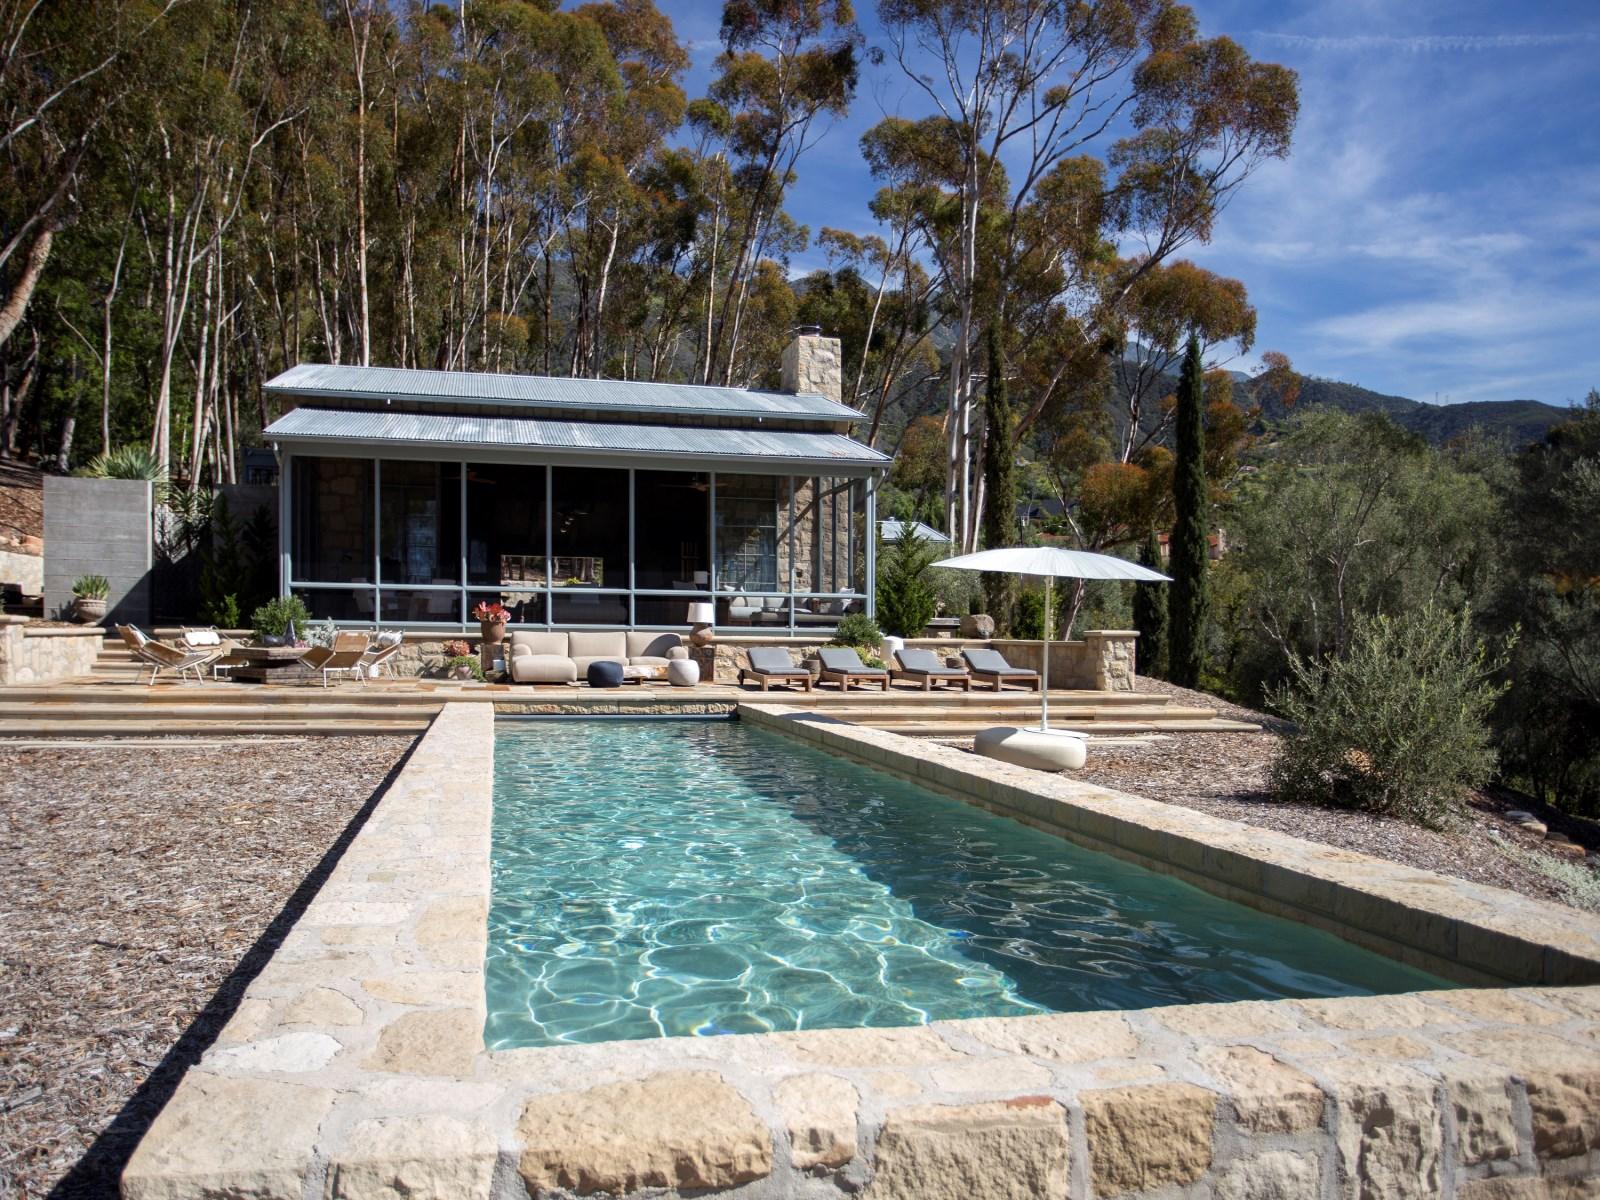 Uma piscina rodeada de natureza